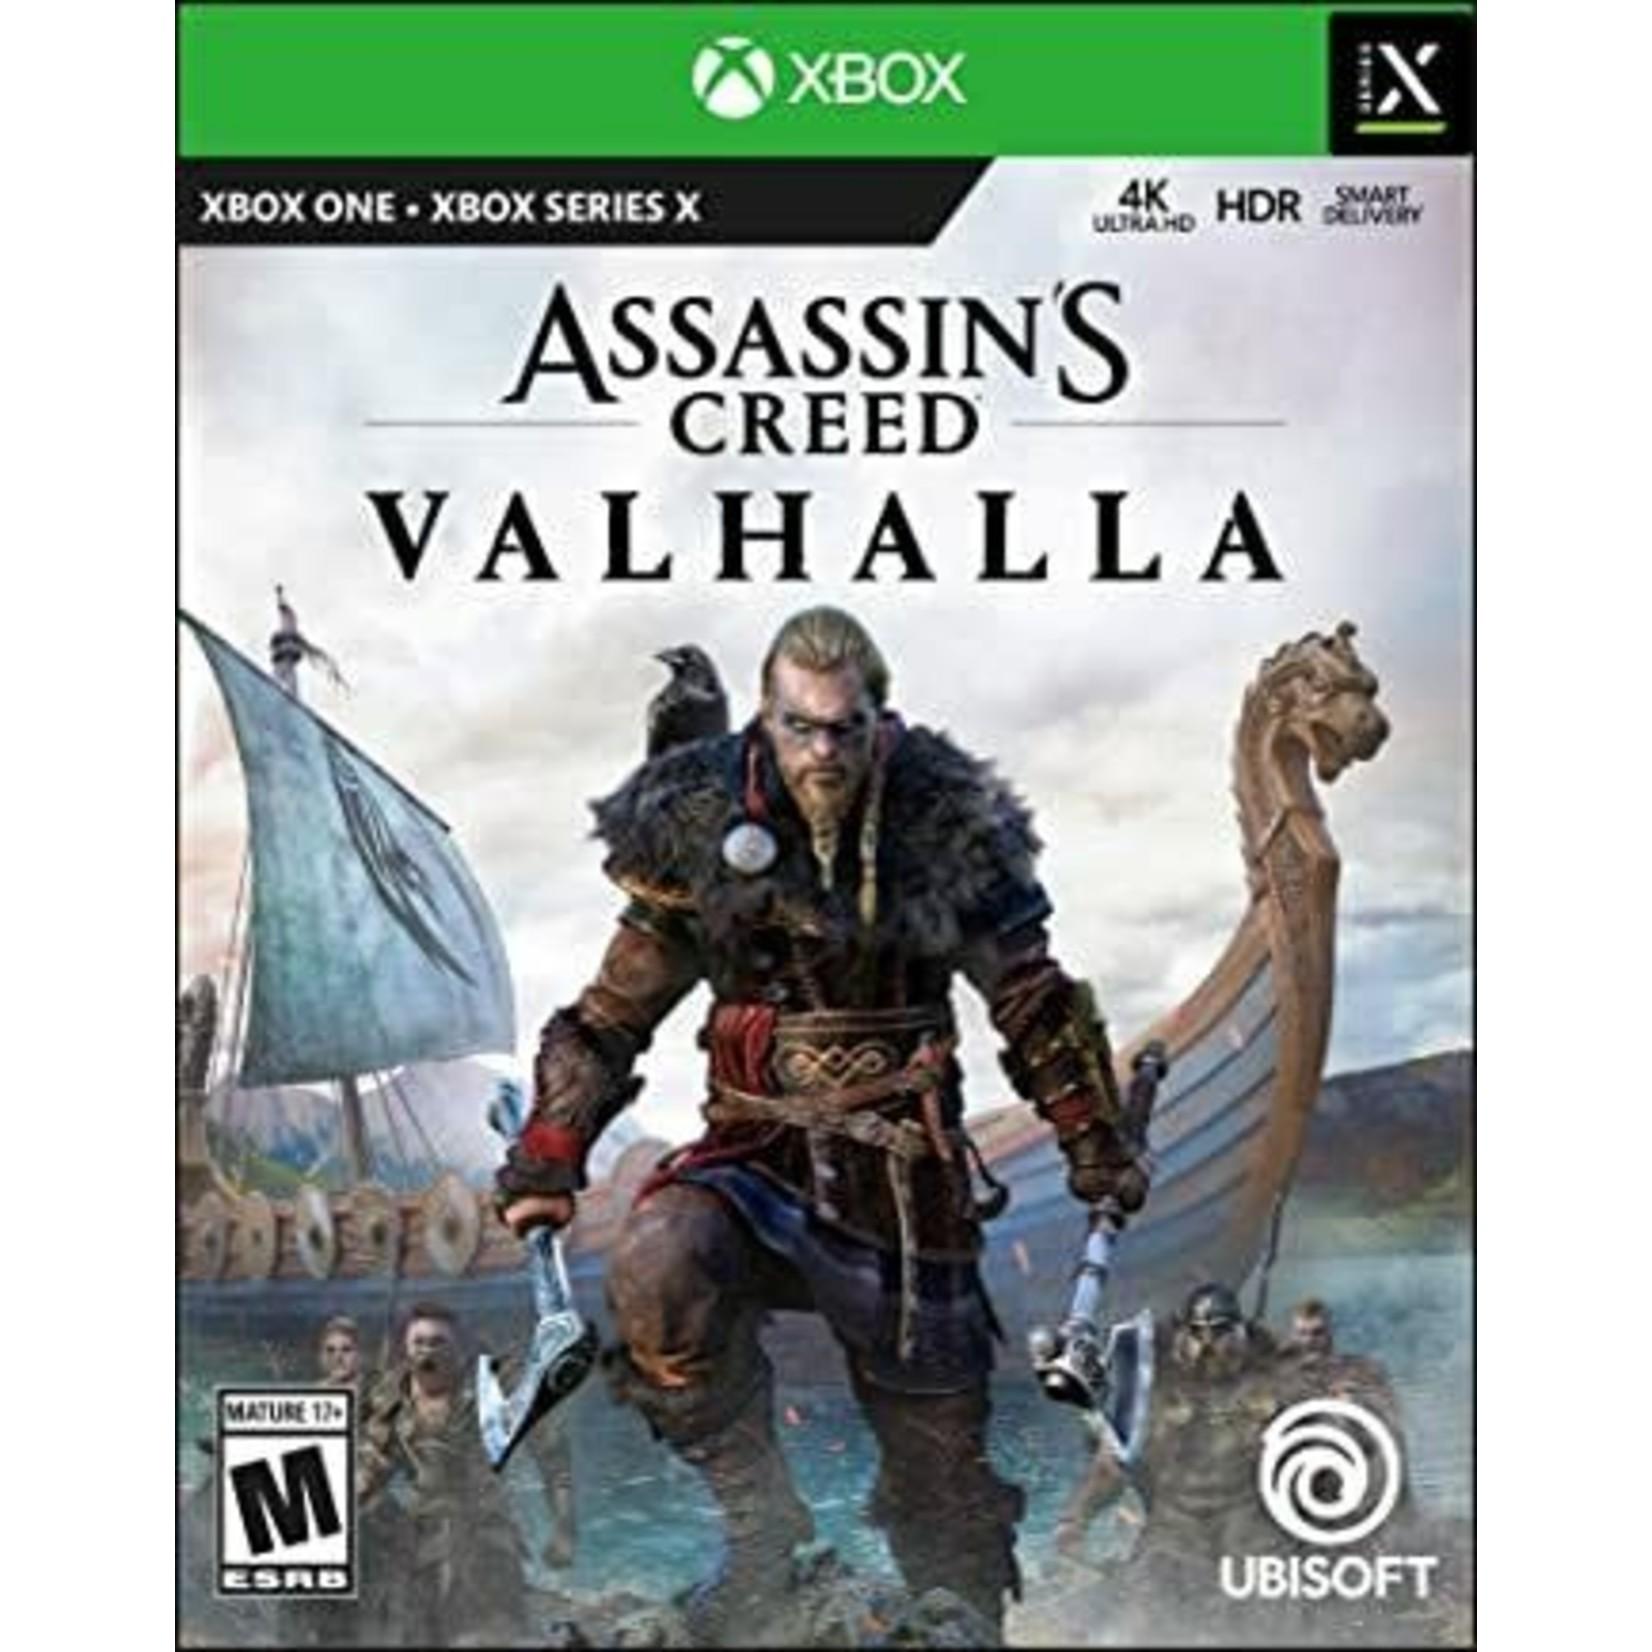 XB1-Assassin's Creed Valhalla